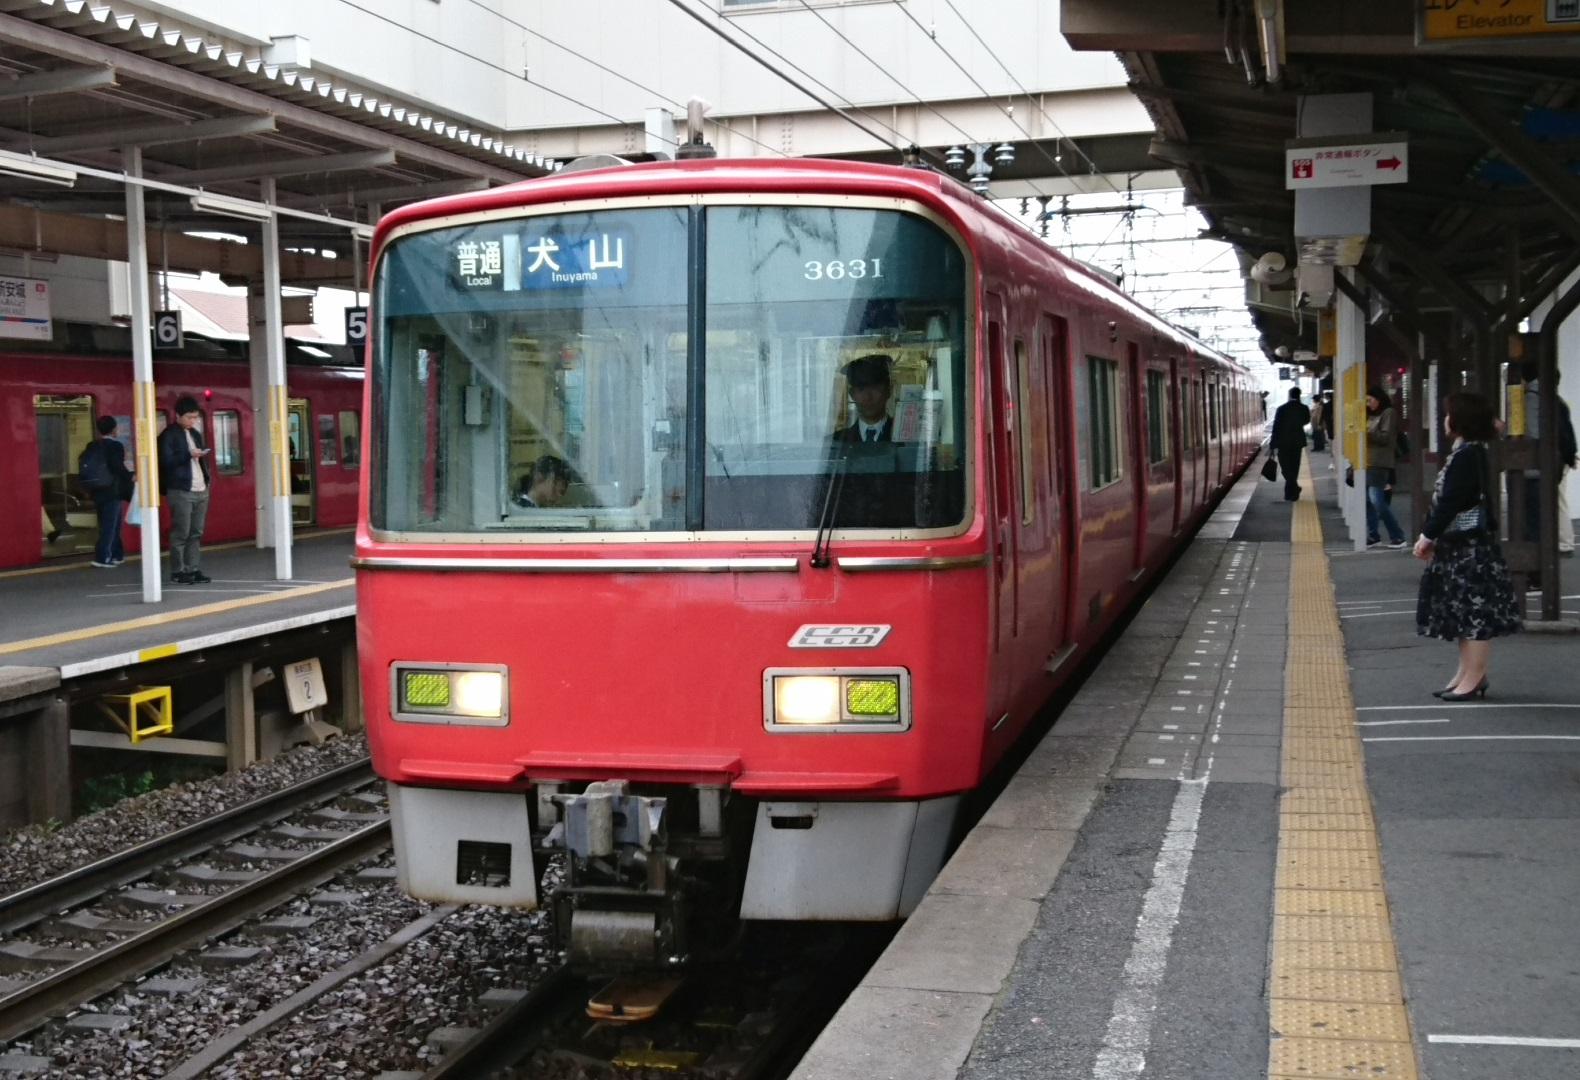 2017.4.15 名鉄 (7) しんあんじょう - 犬山いきふつう 1580-1080